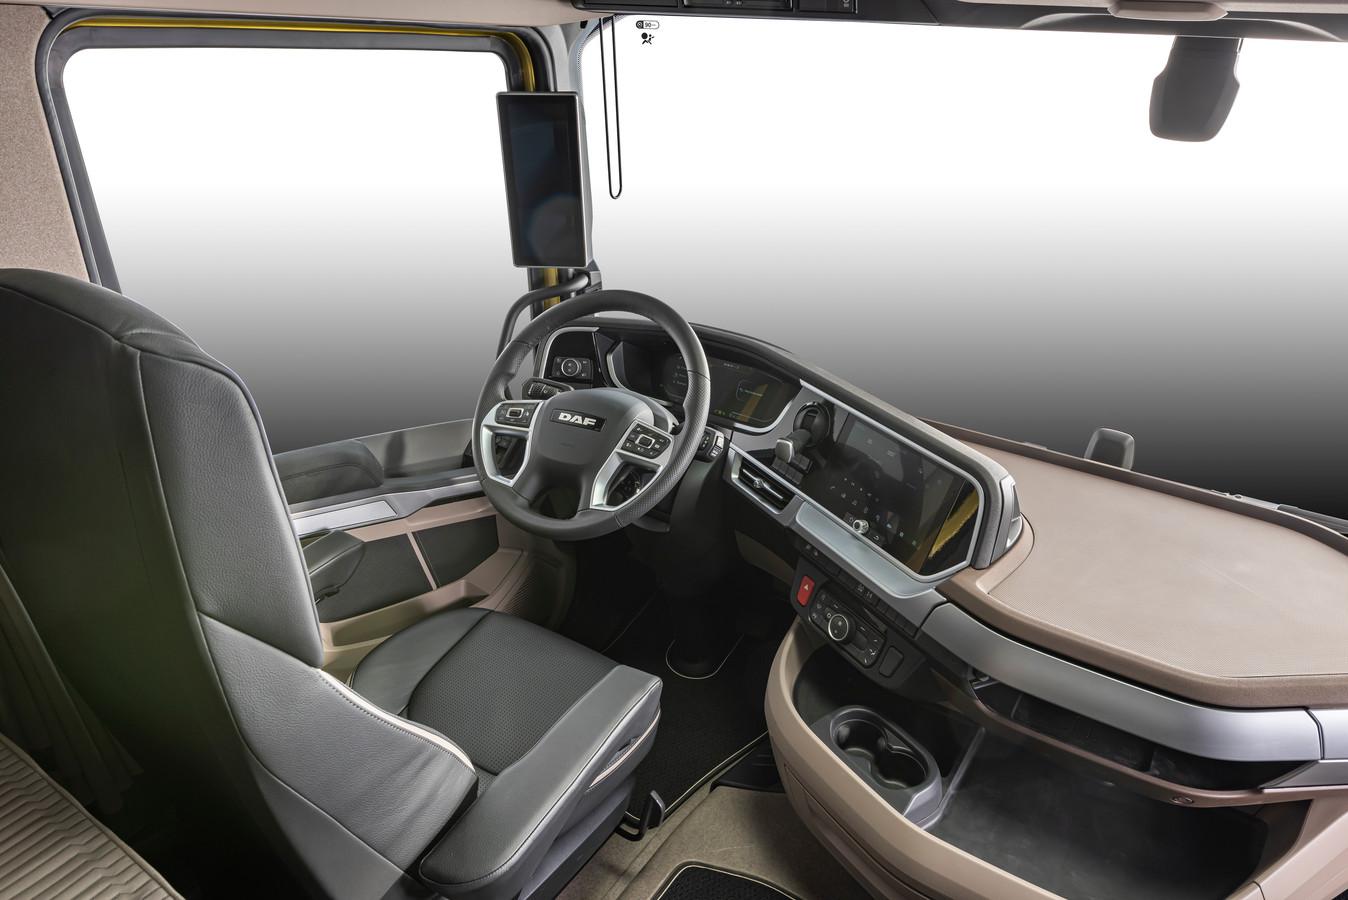 Digitale dashboards in de nieuwe generatie DAF-trucks.